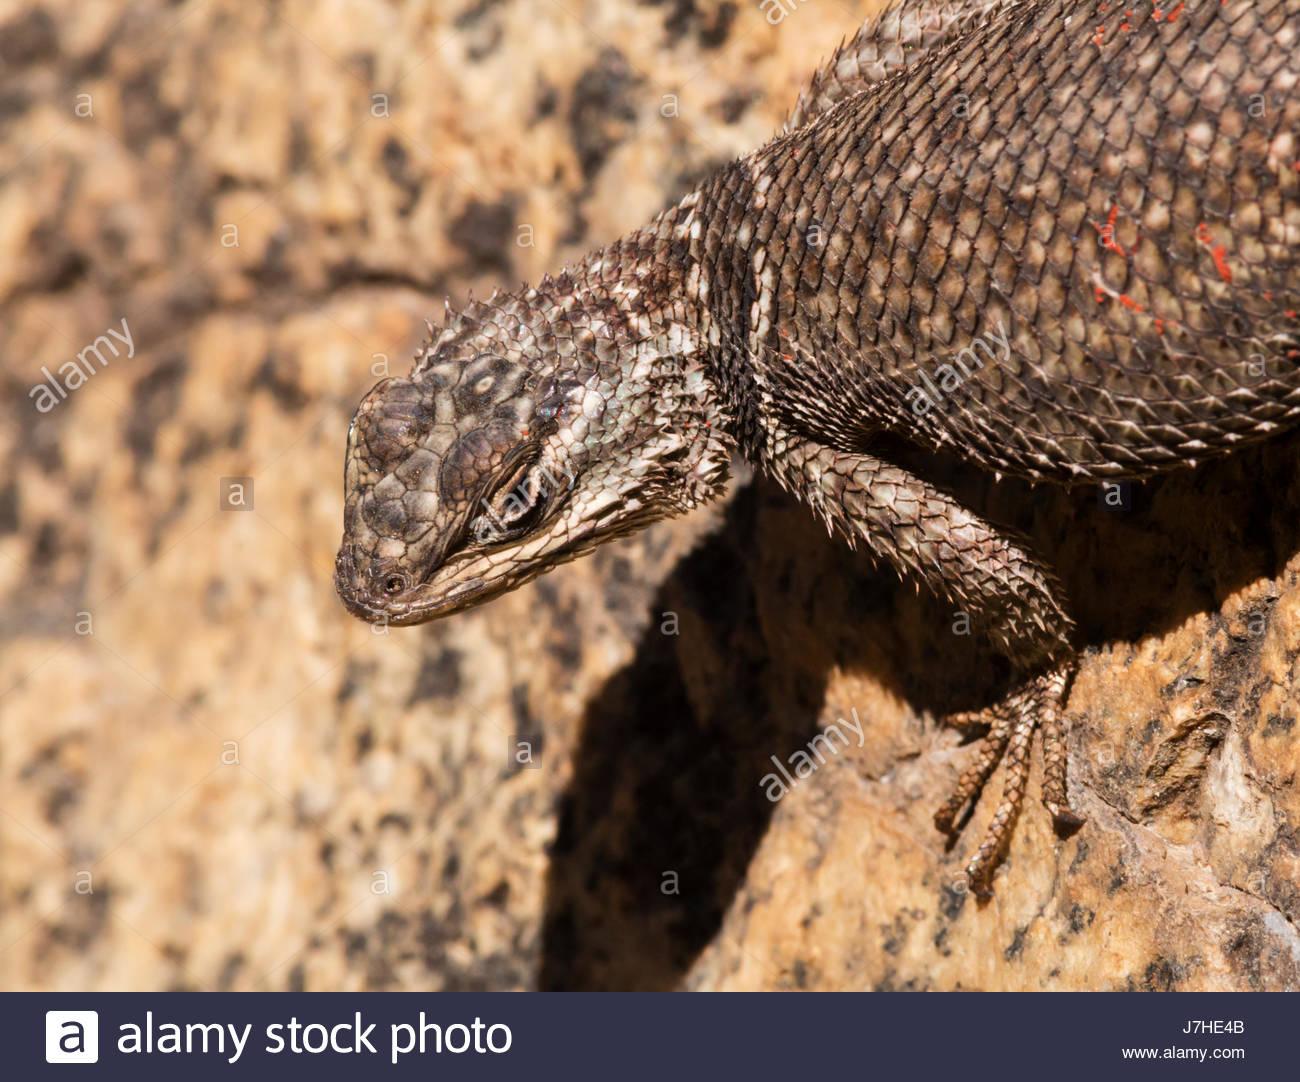 yarrows-spiny-lizard-sceloporus-jarrovii